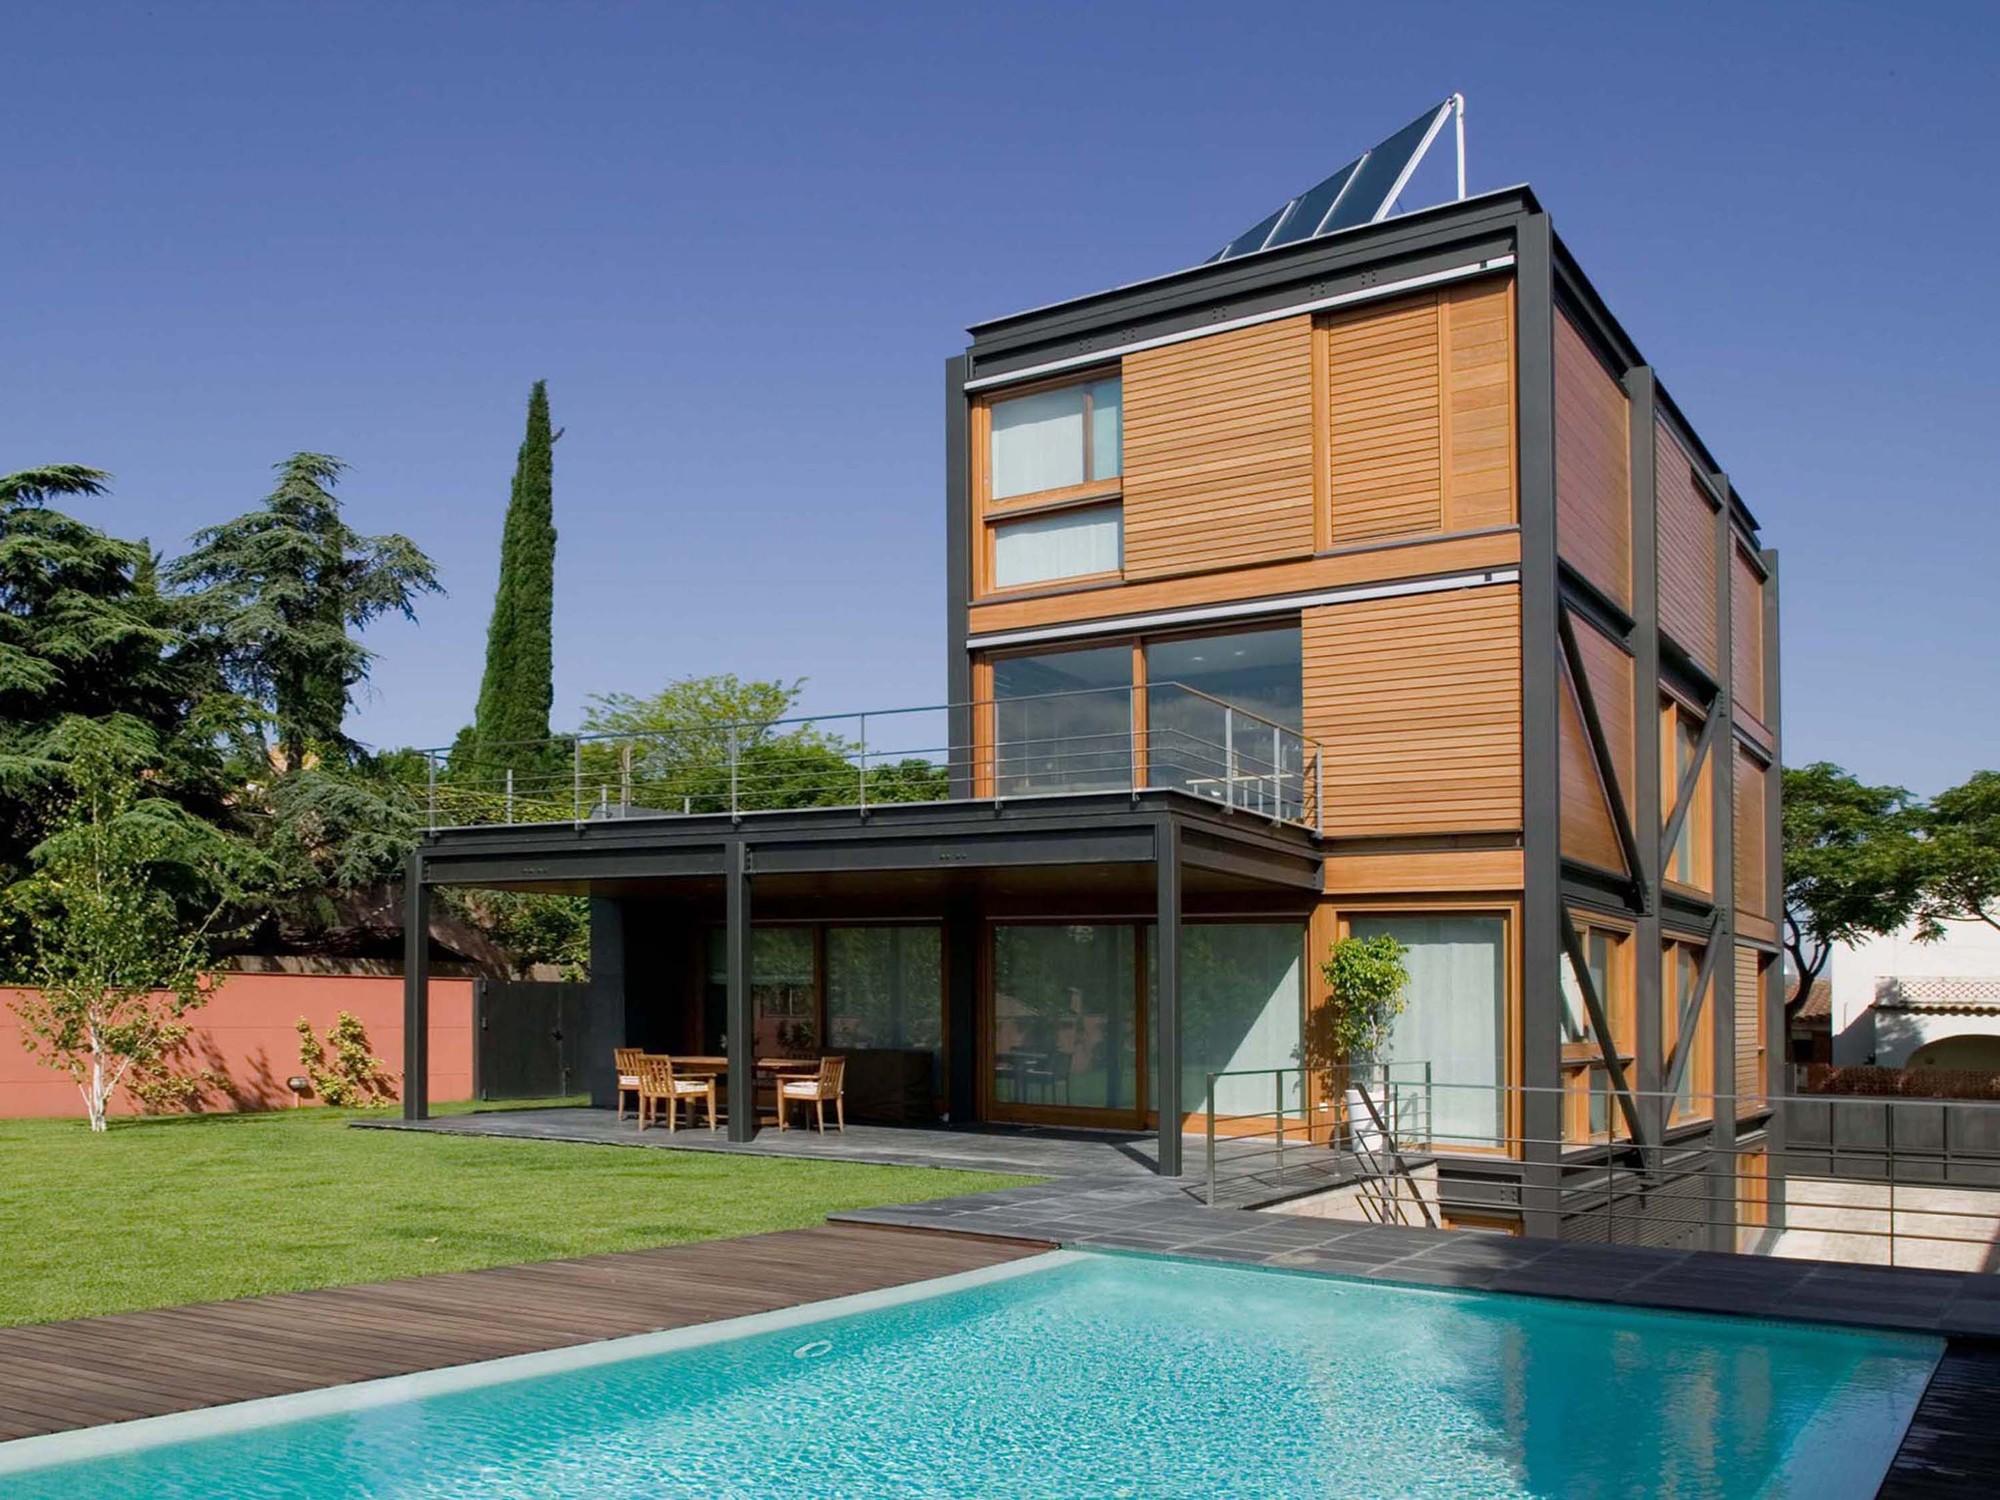 Casa p artigas arquitectes archdaily m xico - Casa cub moderne ...